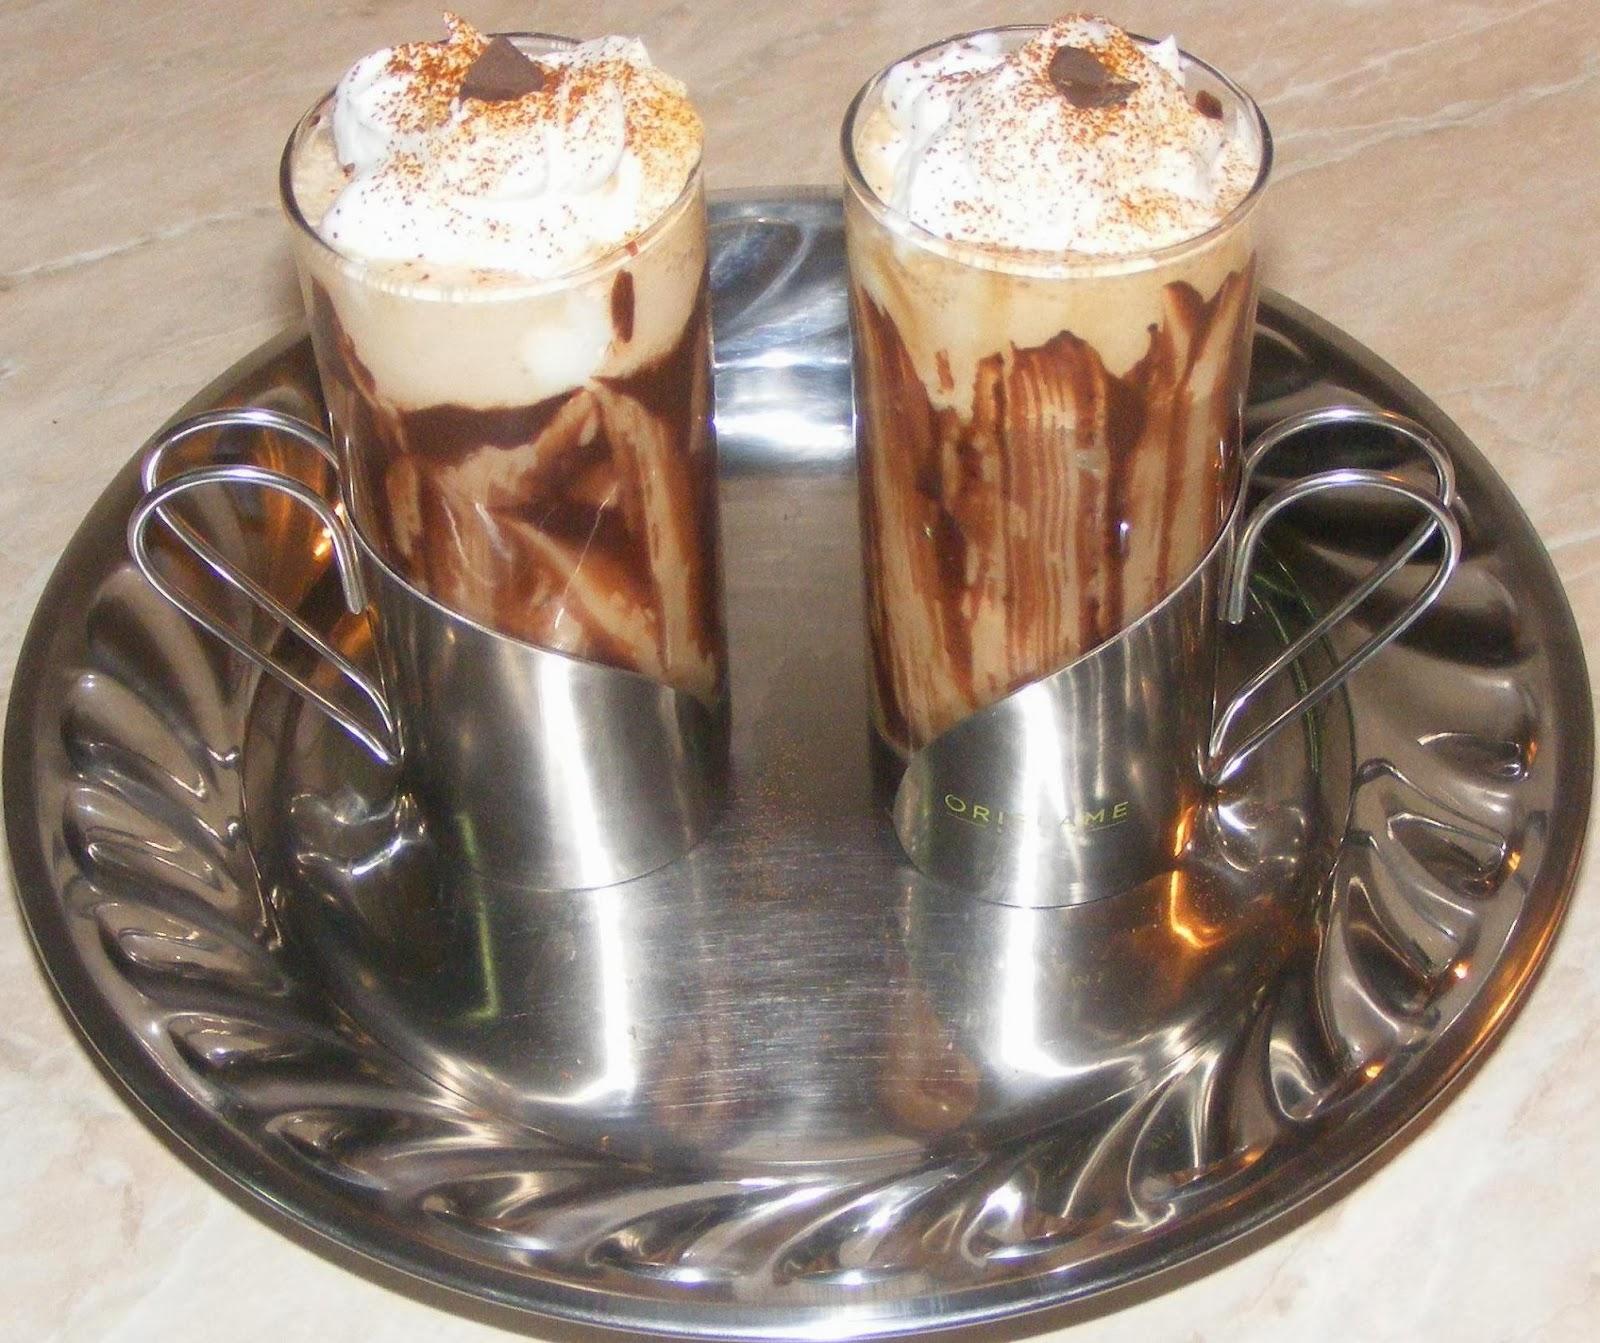 cafe frappe, ness frappe, ness cafe frappe, bauturi, retete de 8 martie, retete de martisor, retete culinare, bauturi frappe, retete cafe frappe,